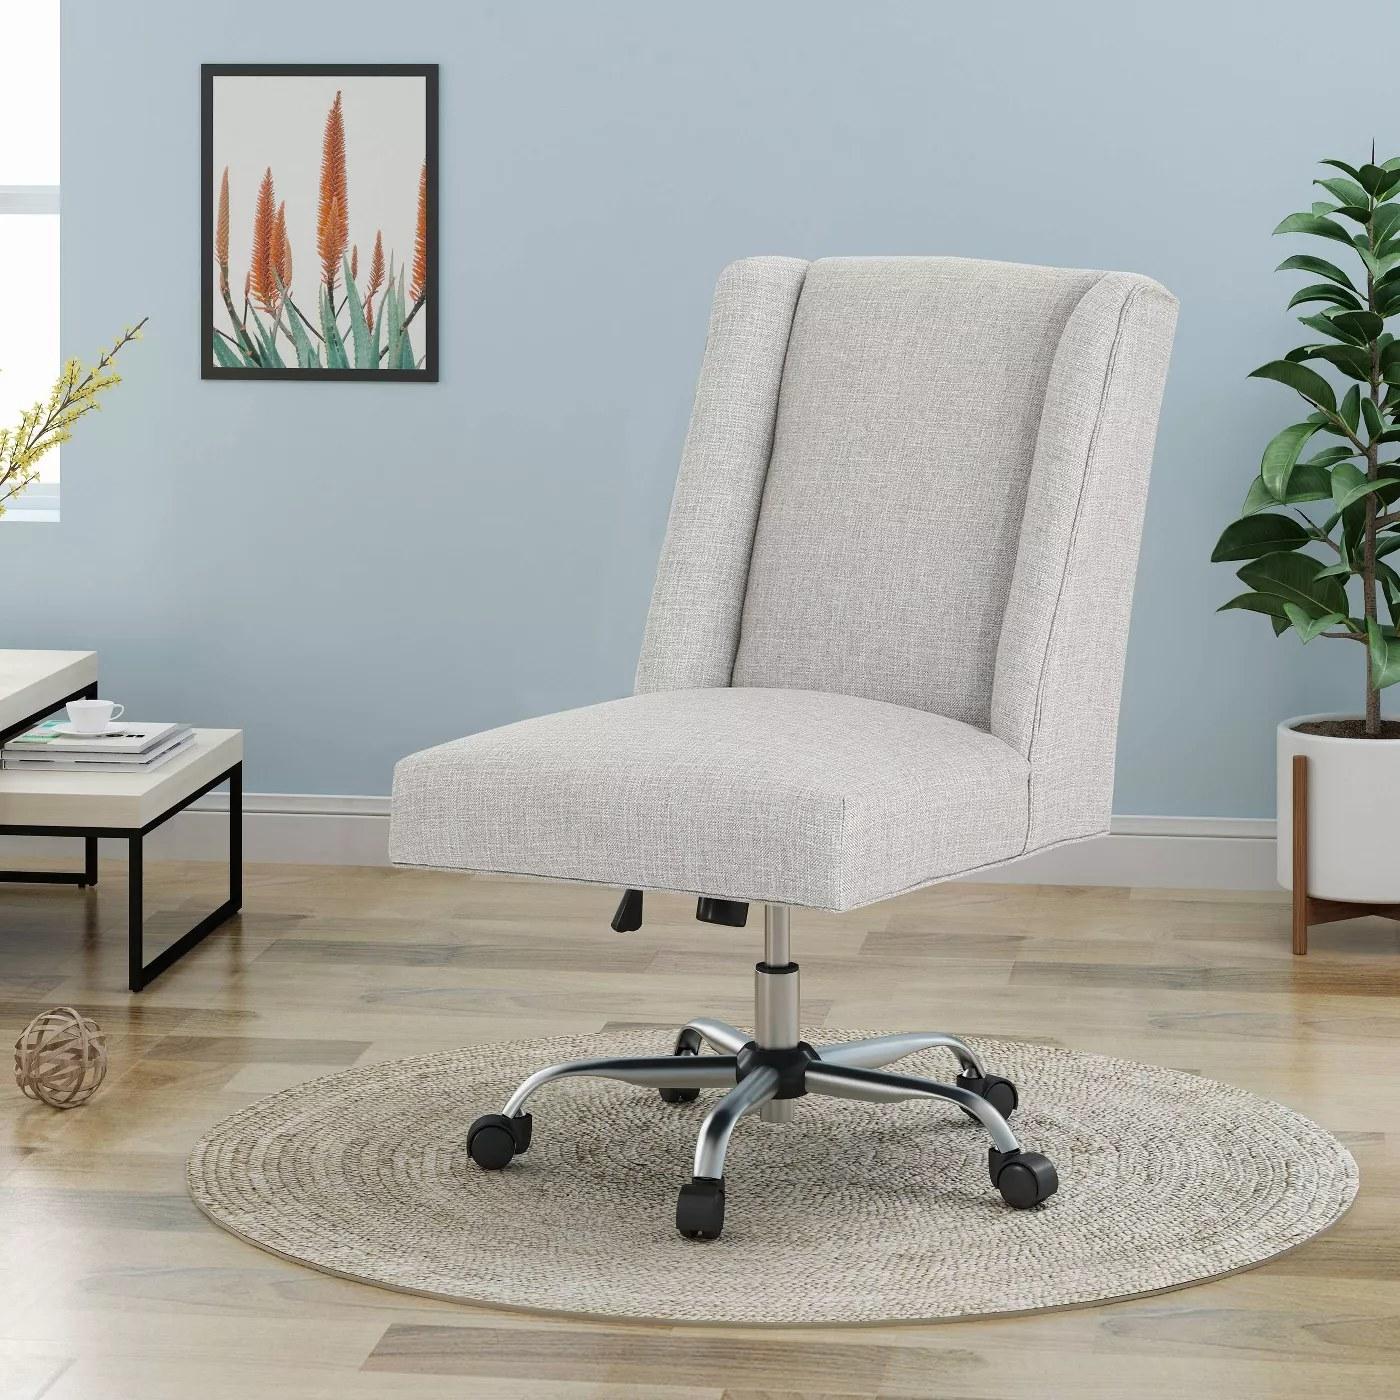 The swivel chair in beige